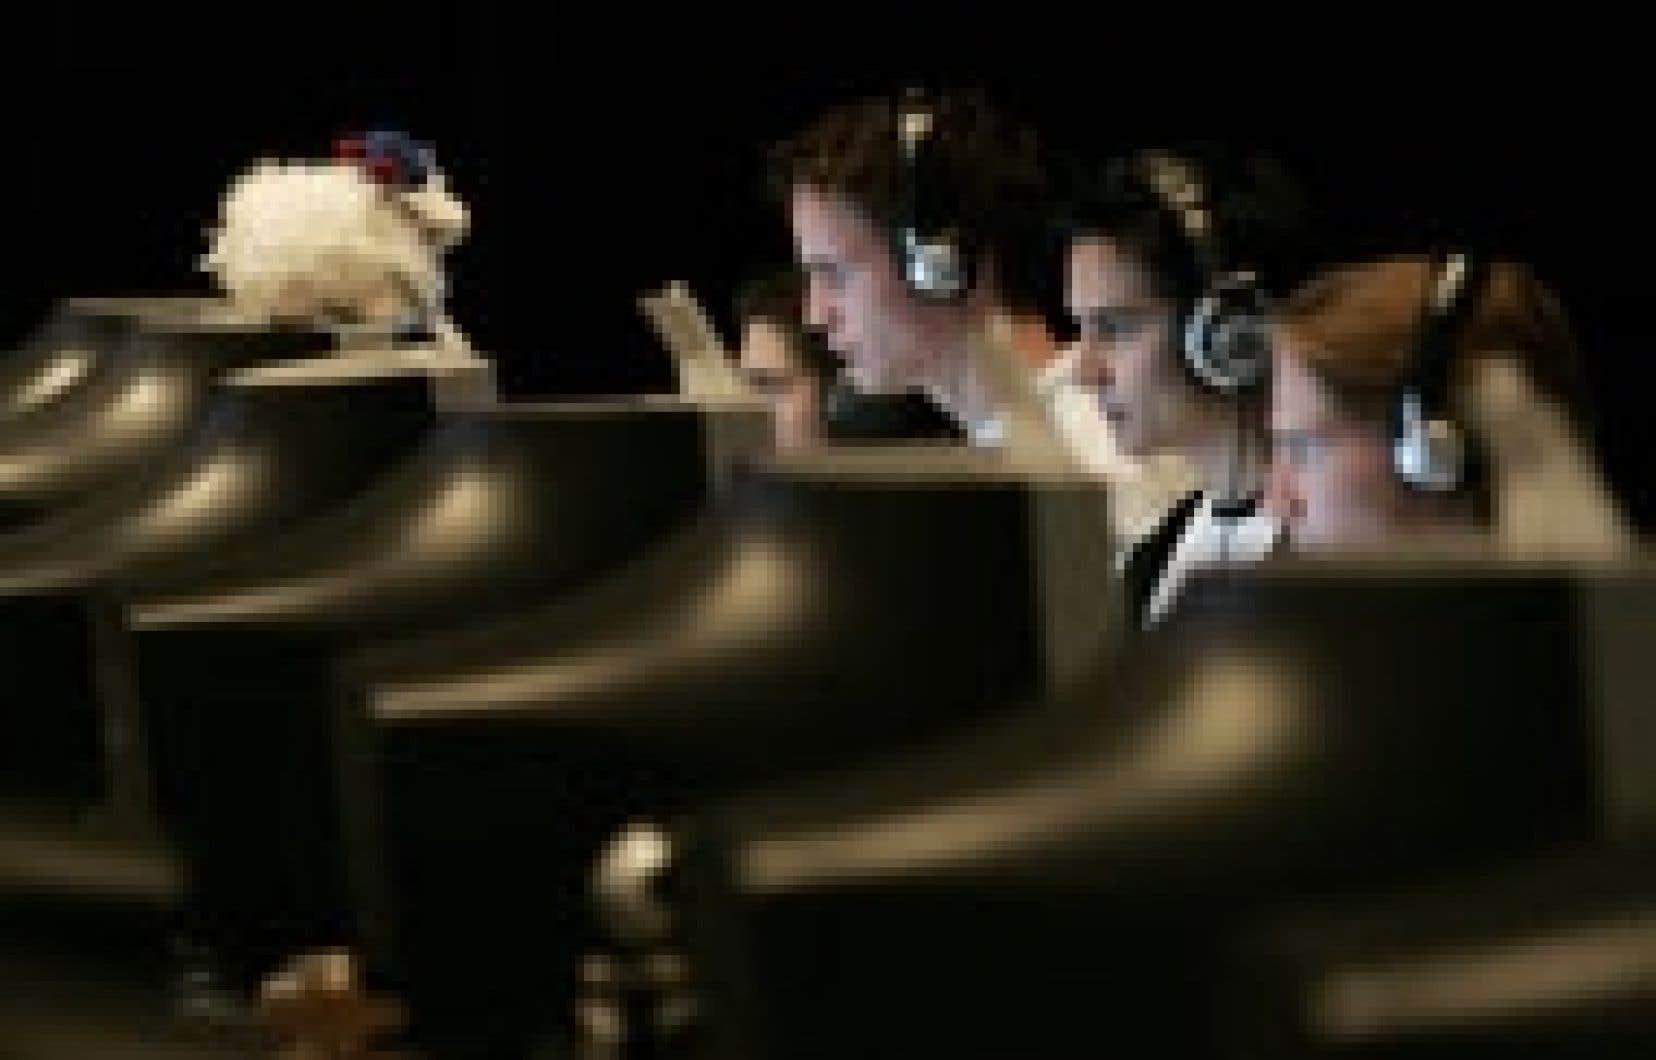 Le Canada se classe aujourd'hui deuxième, derrière la Corée du Sud, au chapitre du taux de pénétration d'Internet.